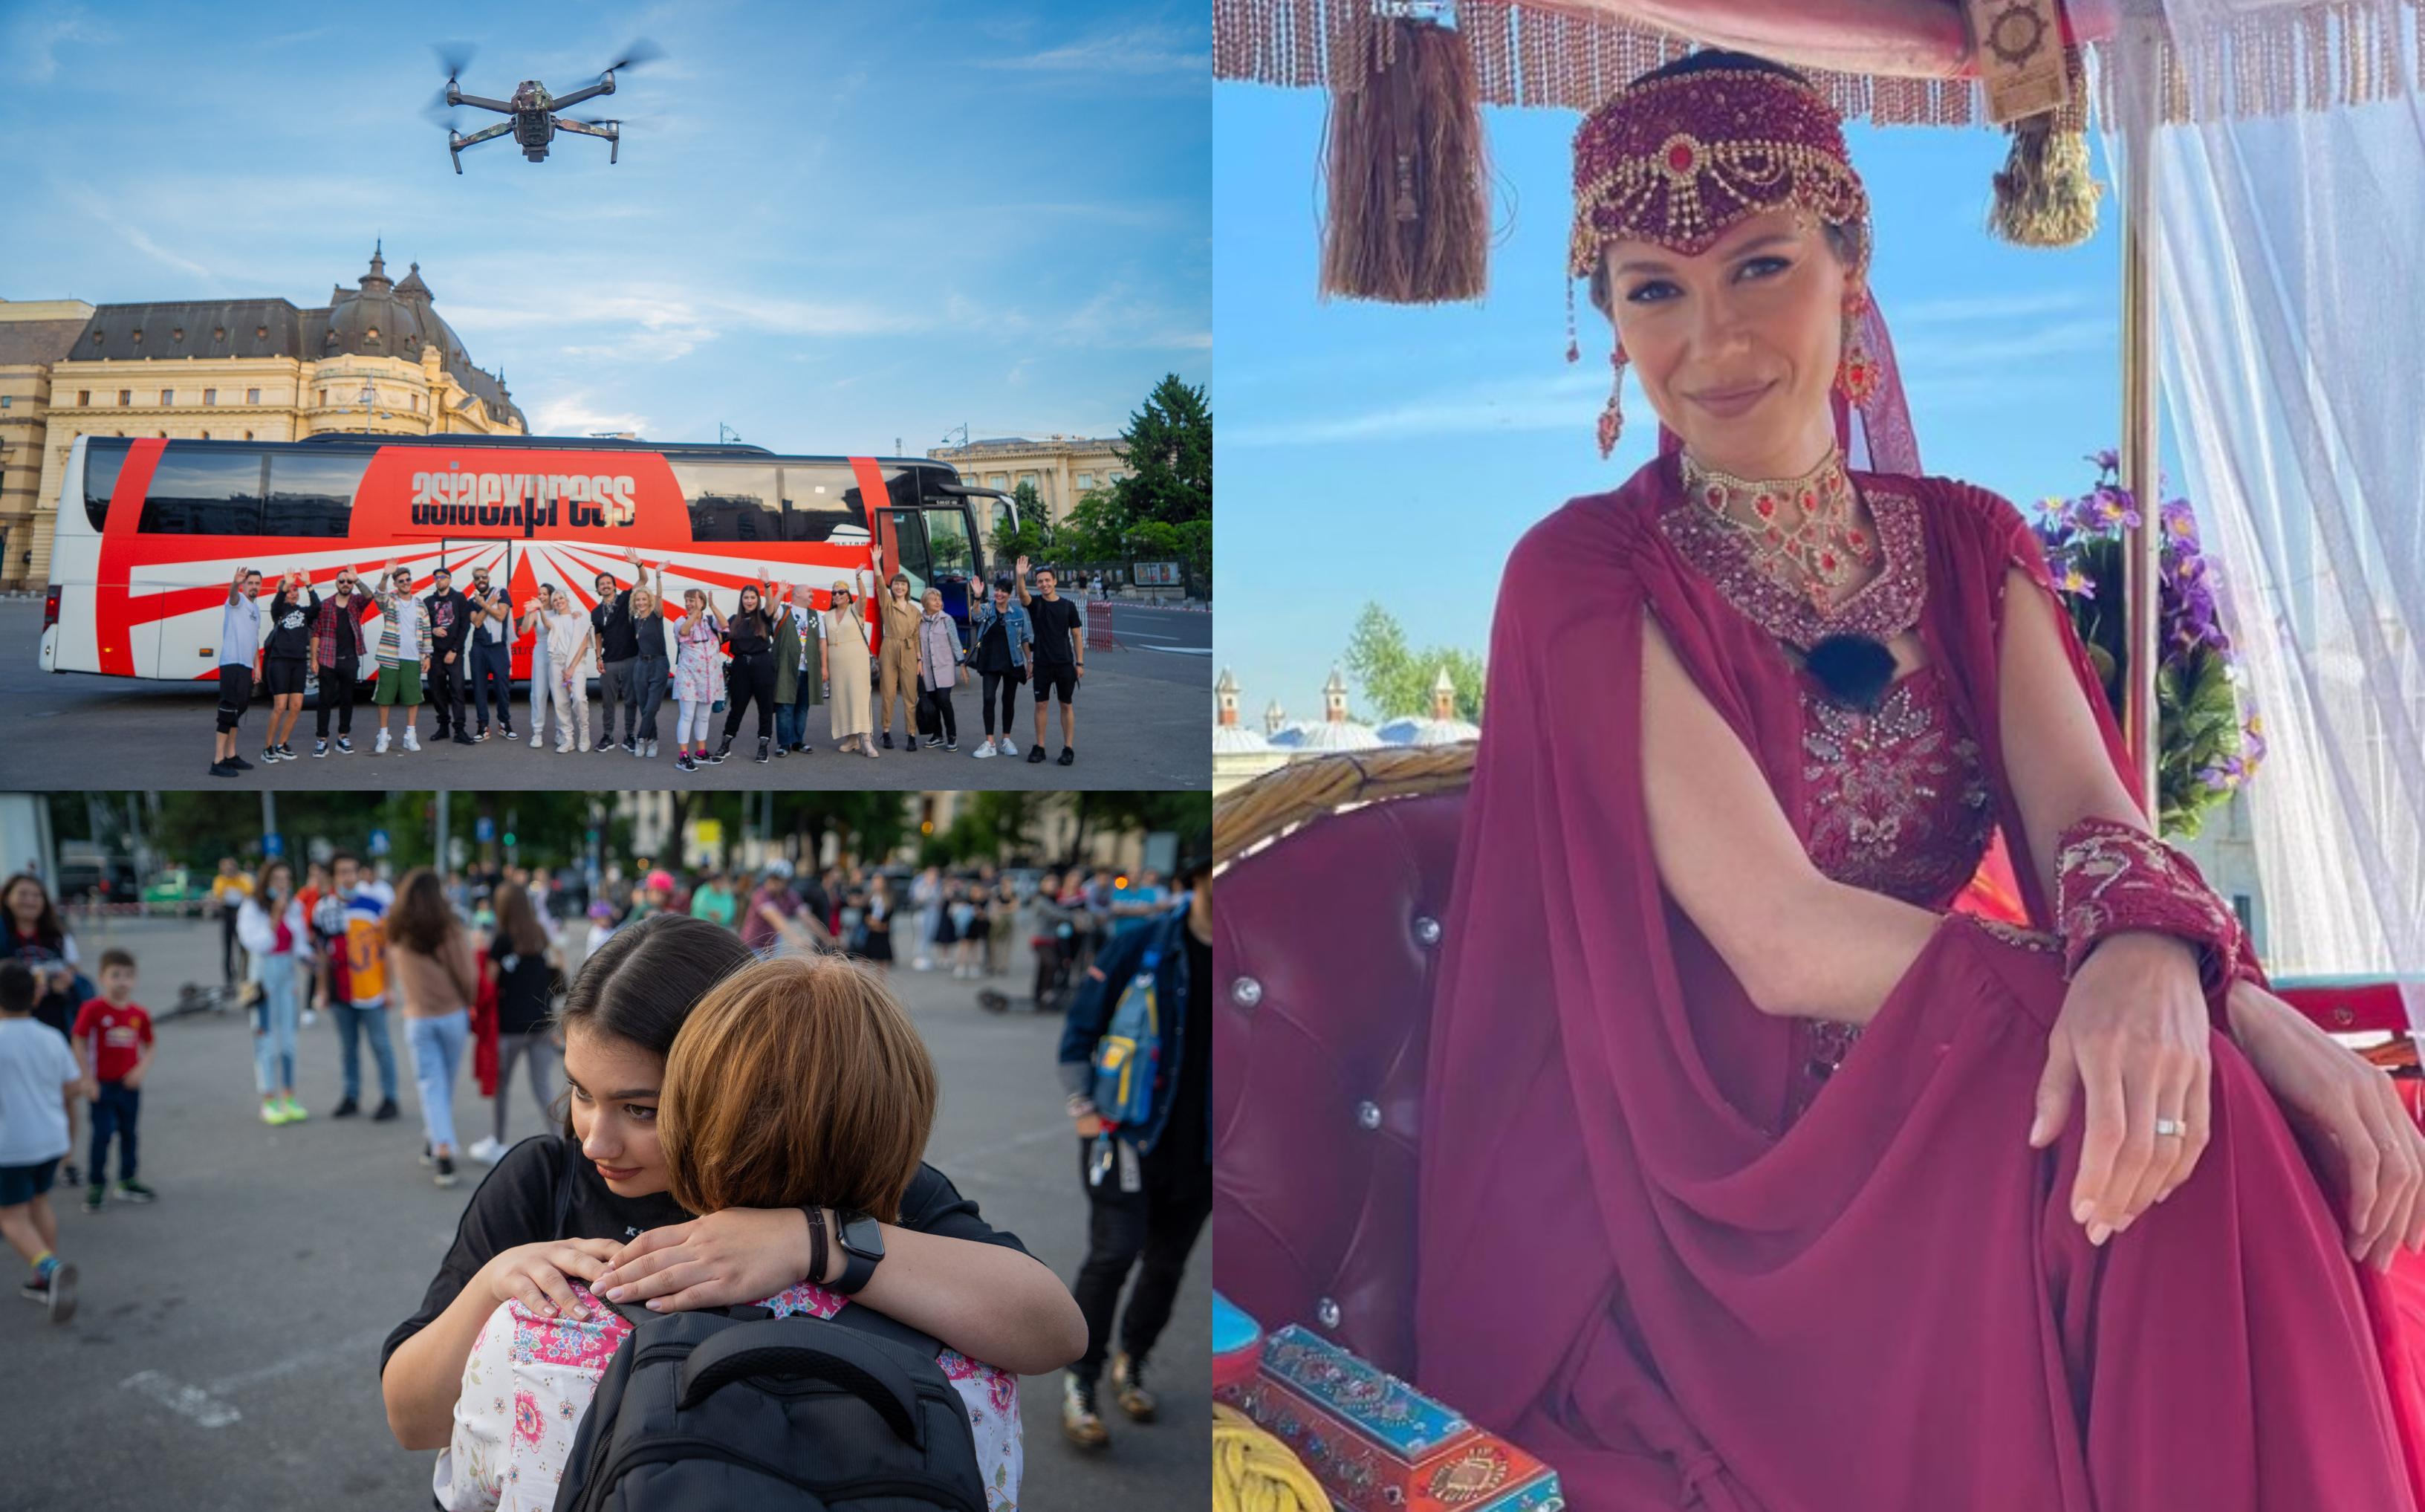 Irina Fodor, primele imagini din Asia Express - Drumul Împăraților. Cum arată ceremonia care deschide drumul experienței asiatice